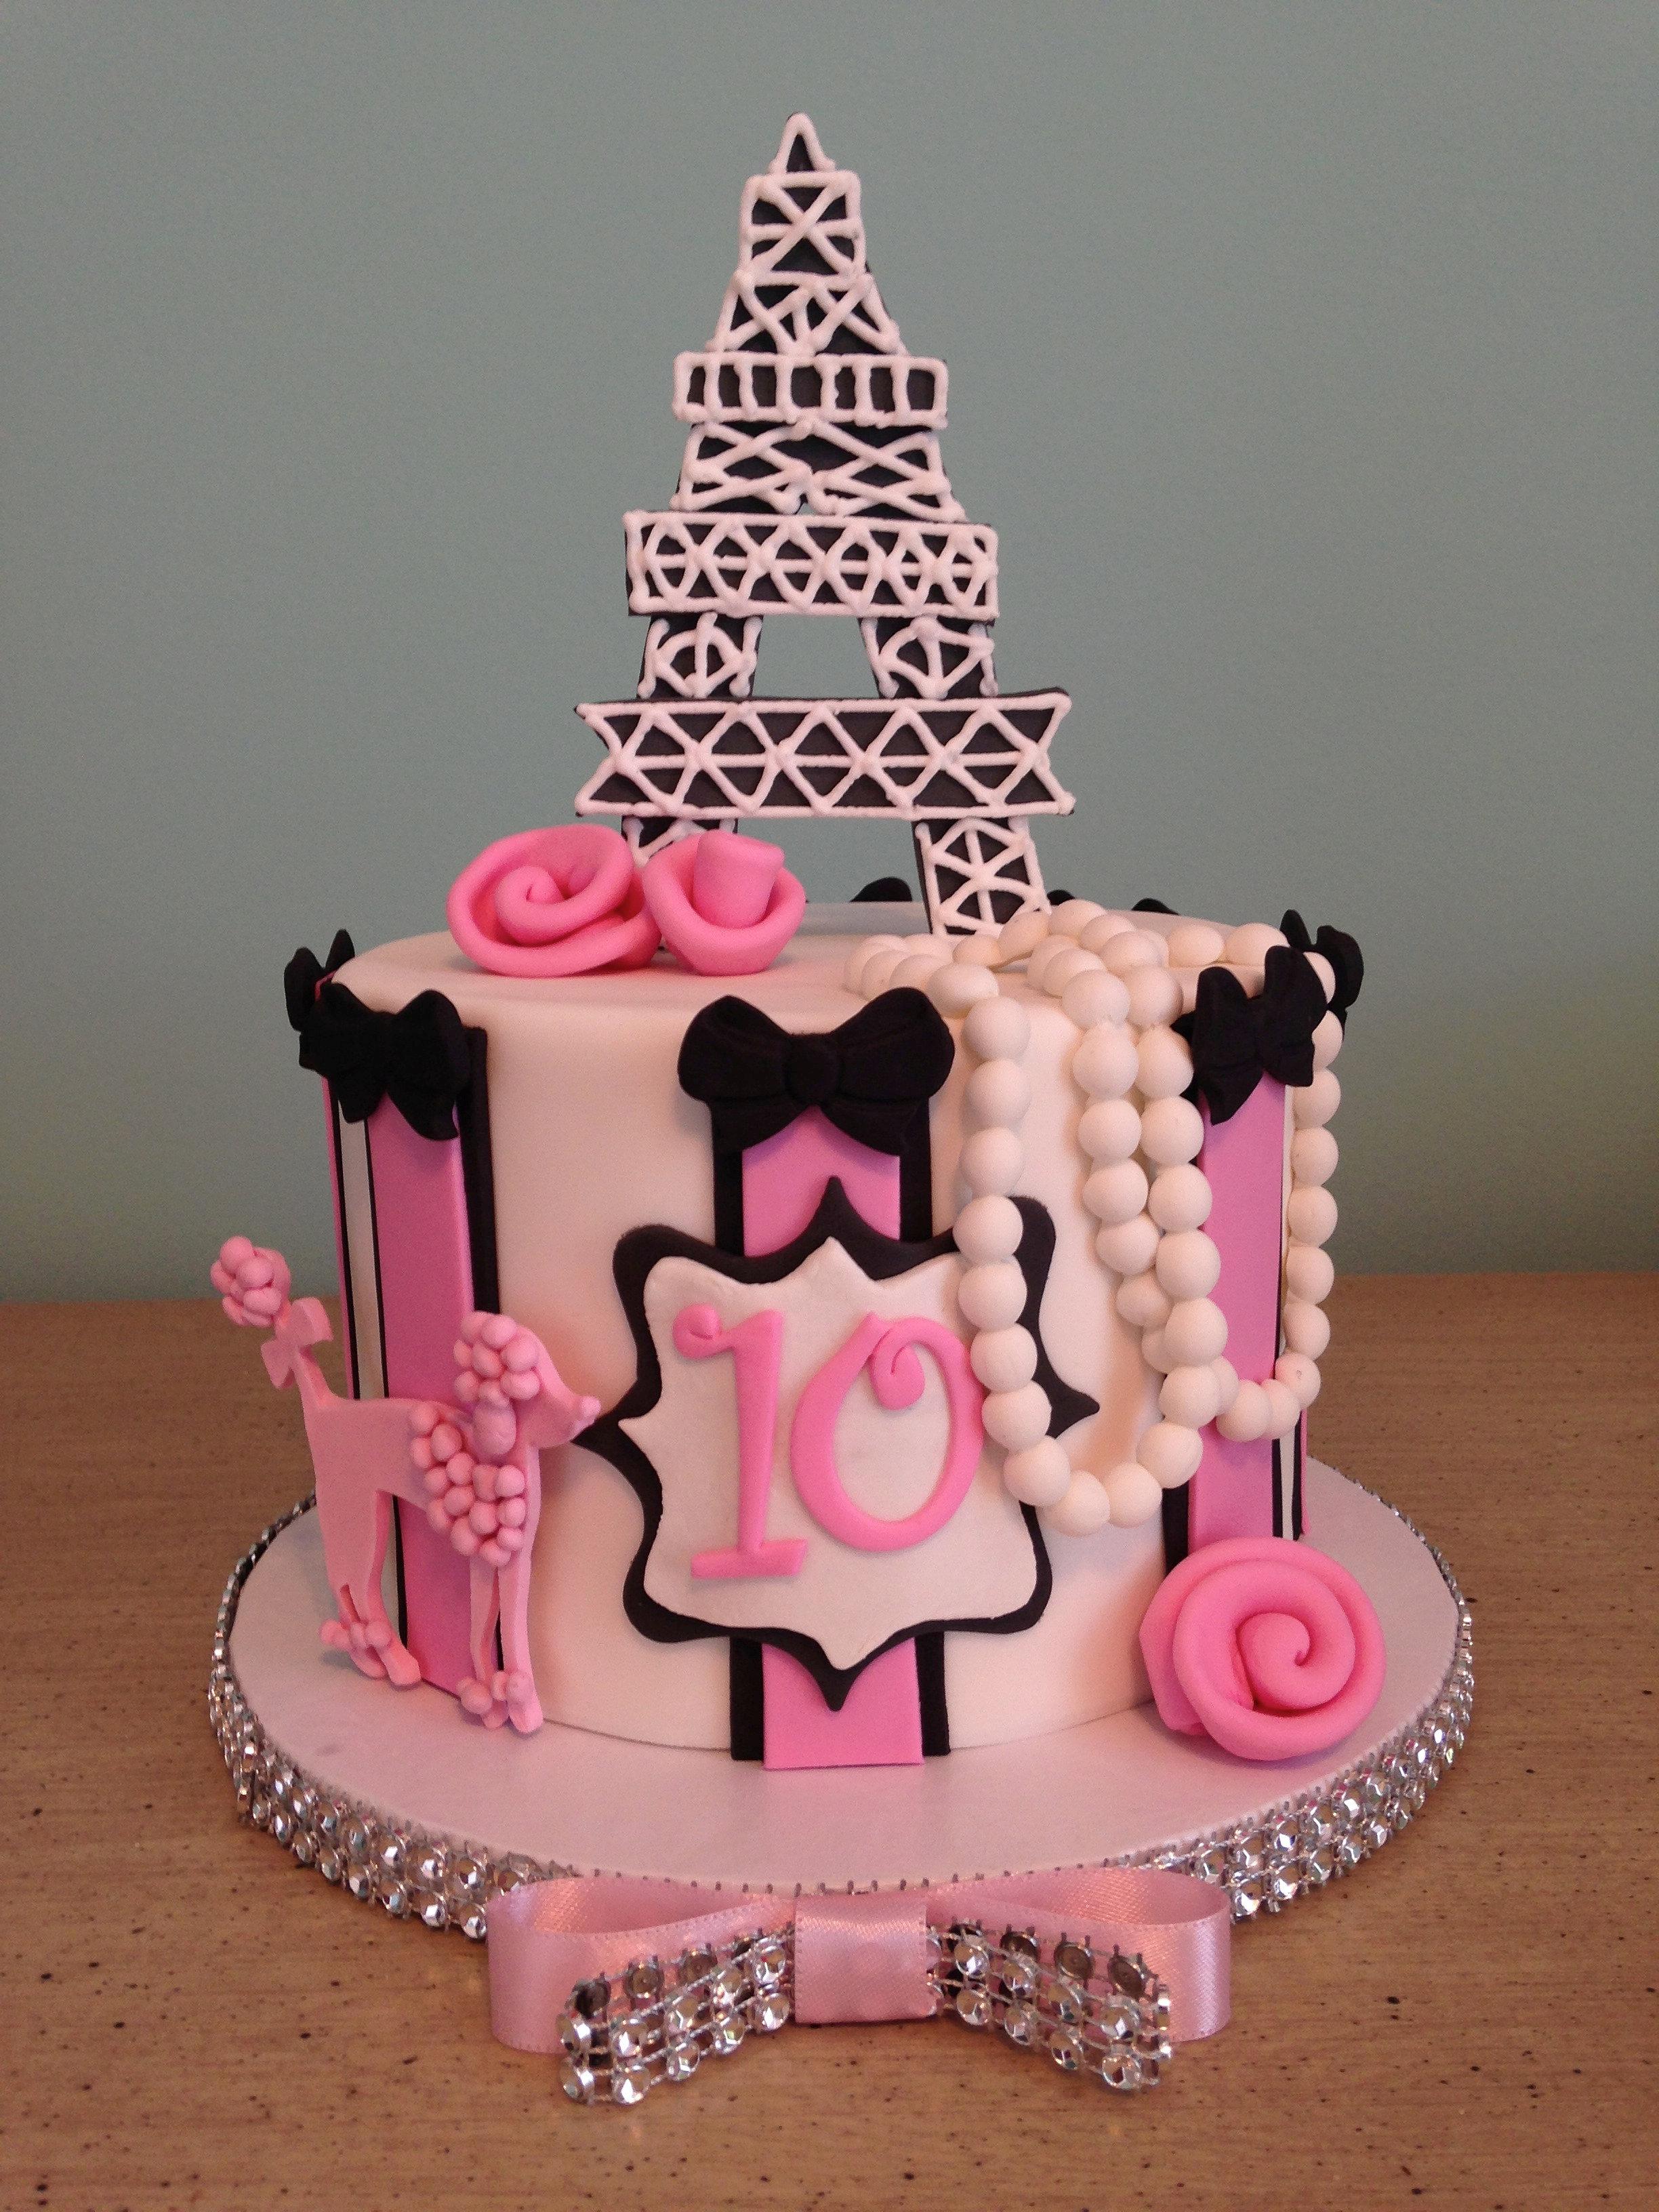 Order Birthday Cake Paris Sweets Photos Blog - Birthday cake paris